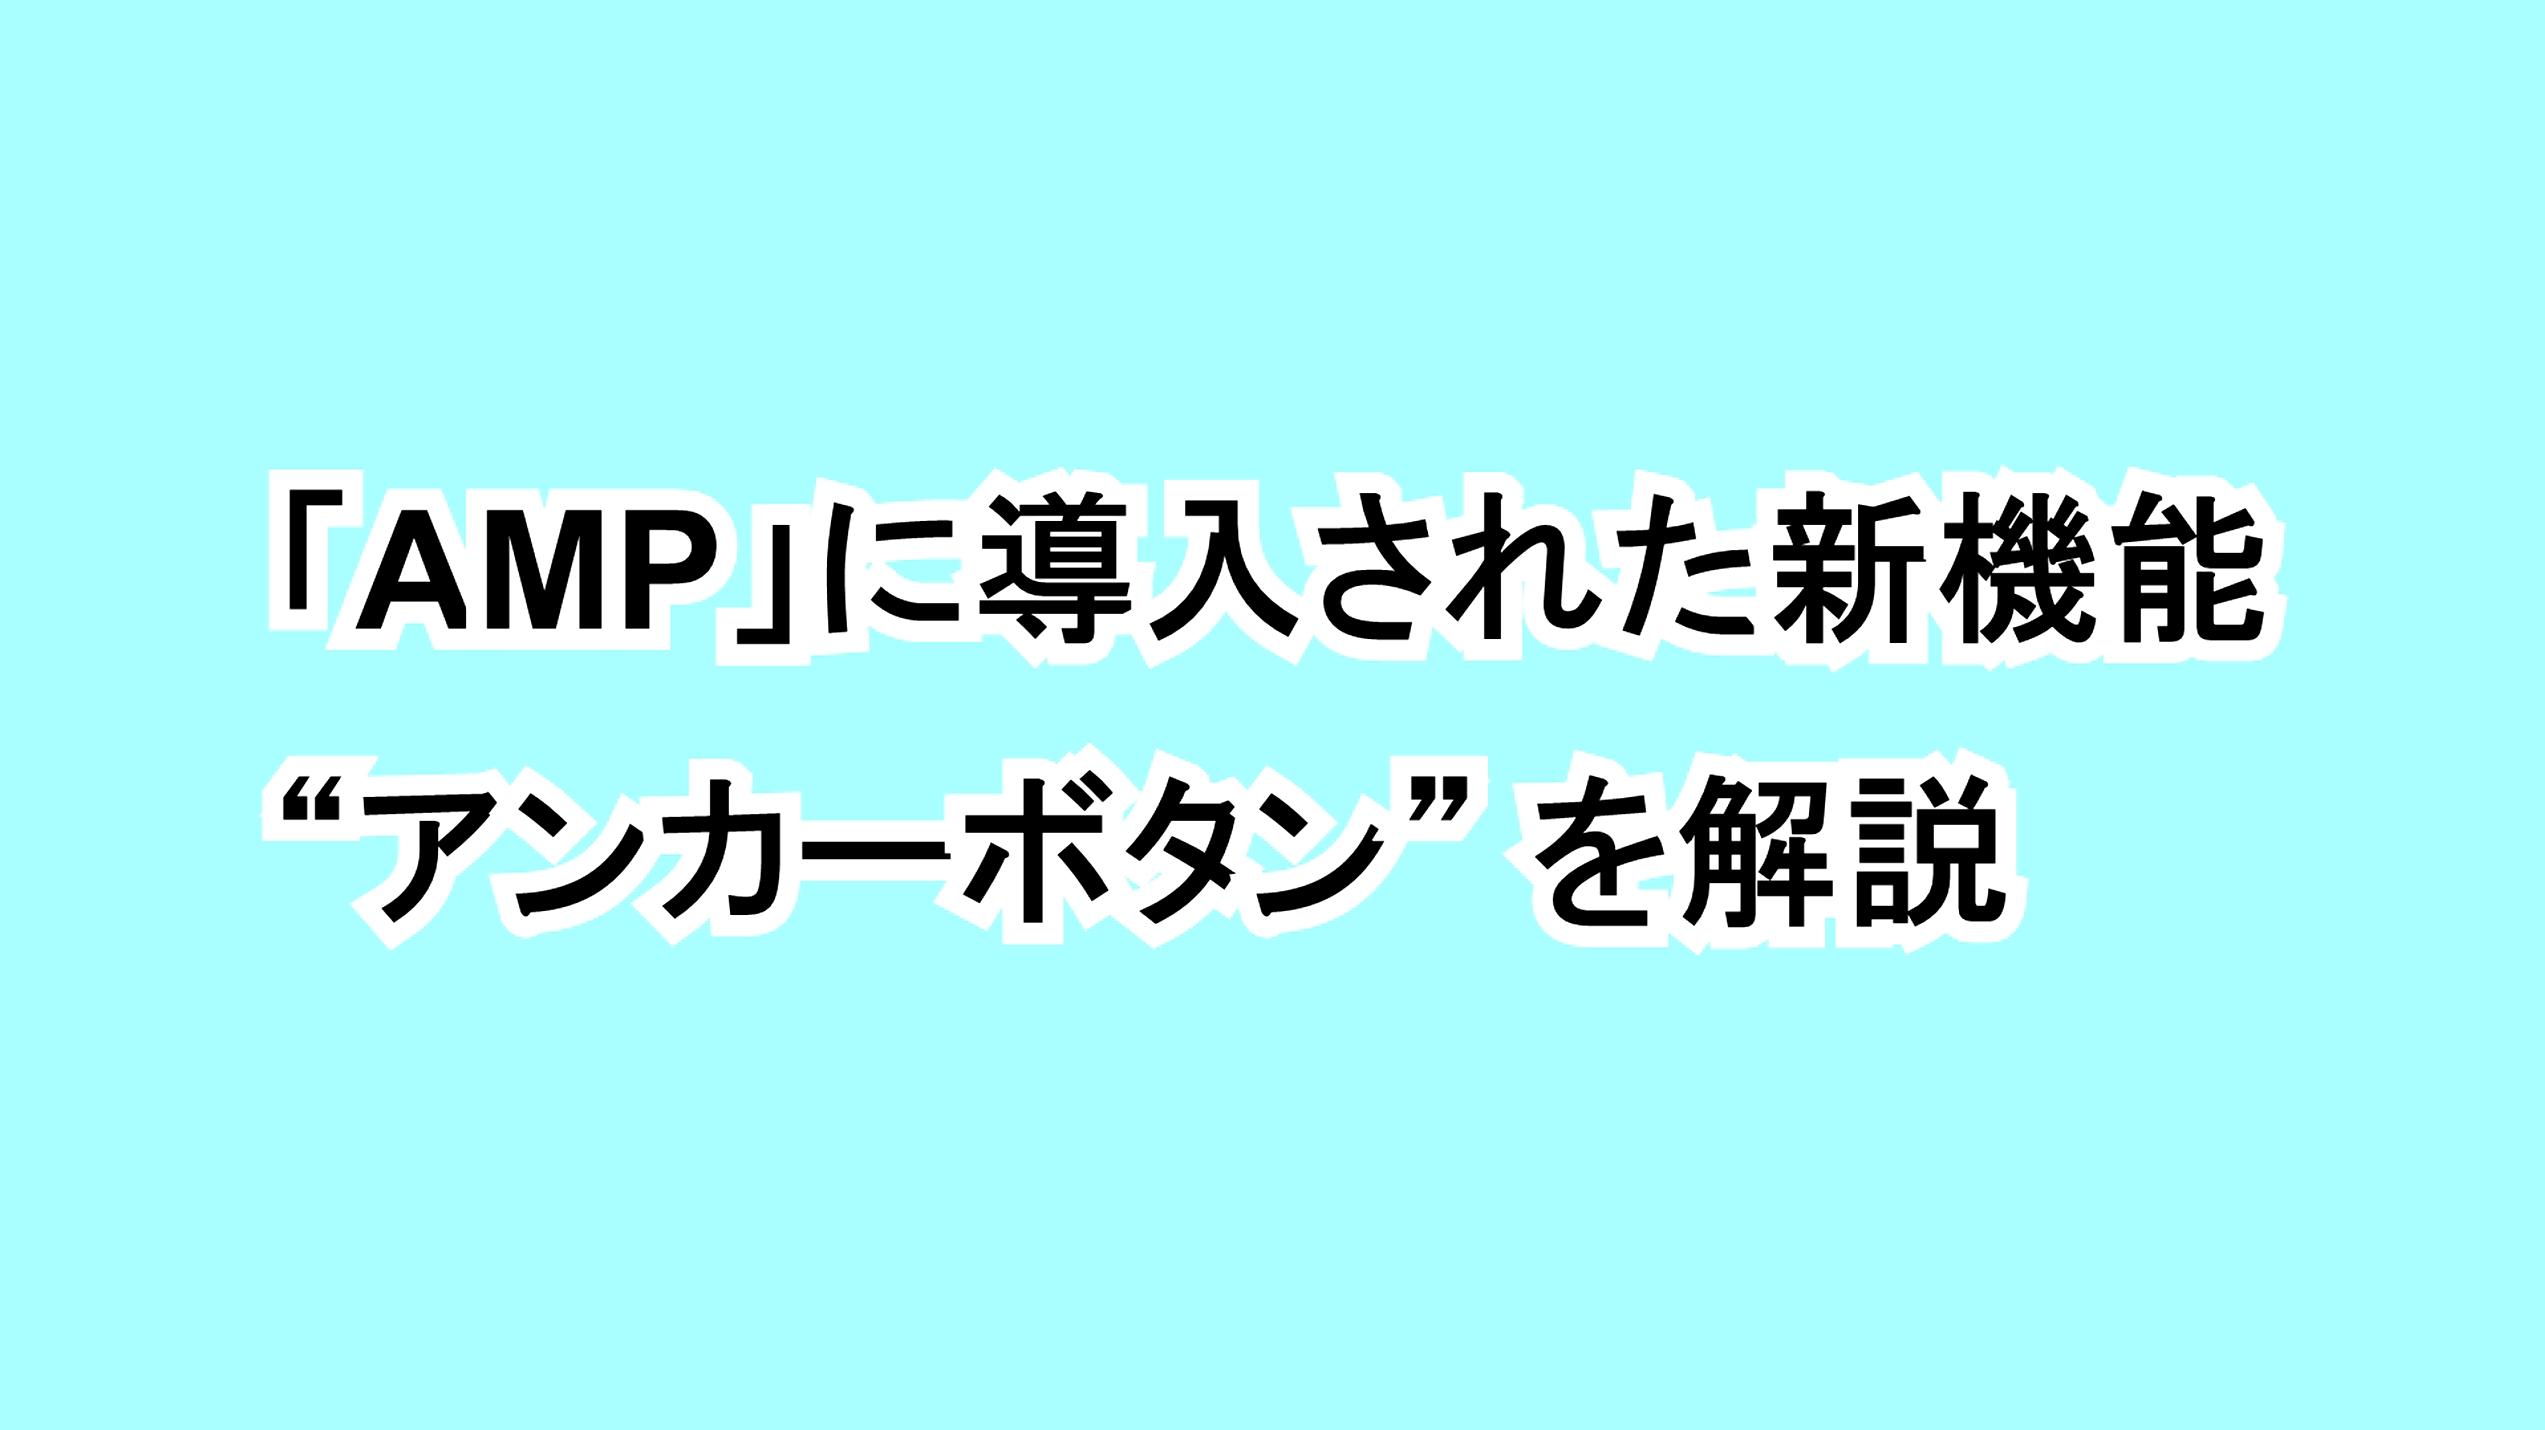 """「AMP」に導入された新機能""""アンカーボタン""""を解説"""